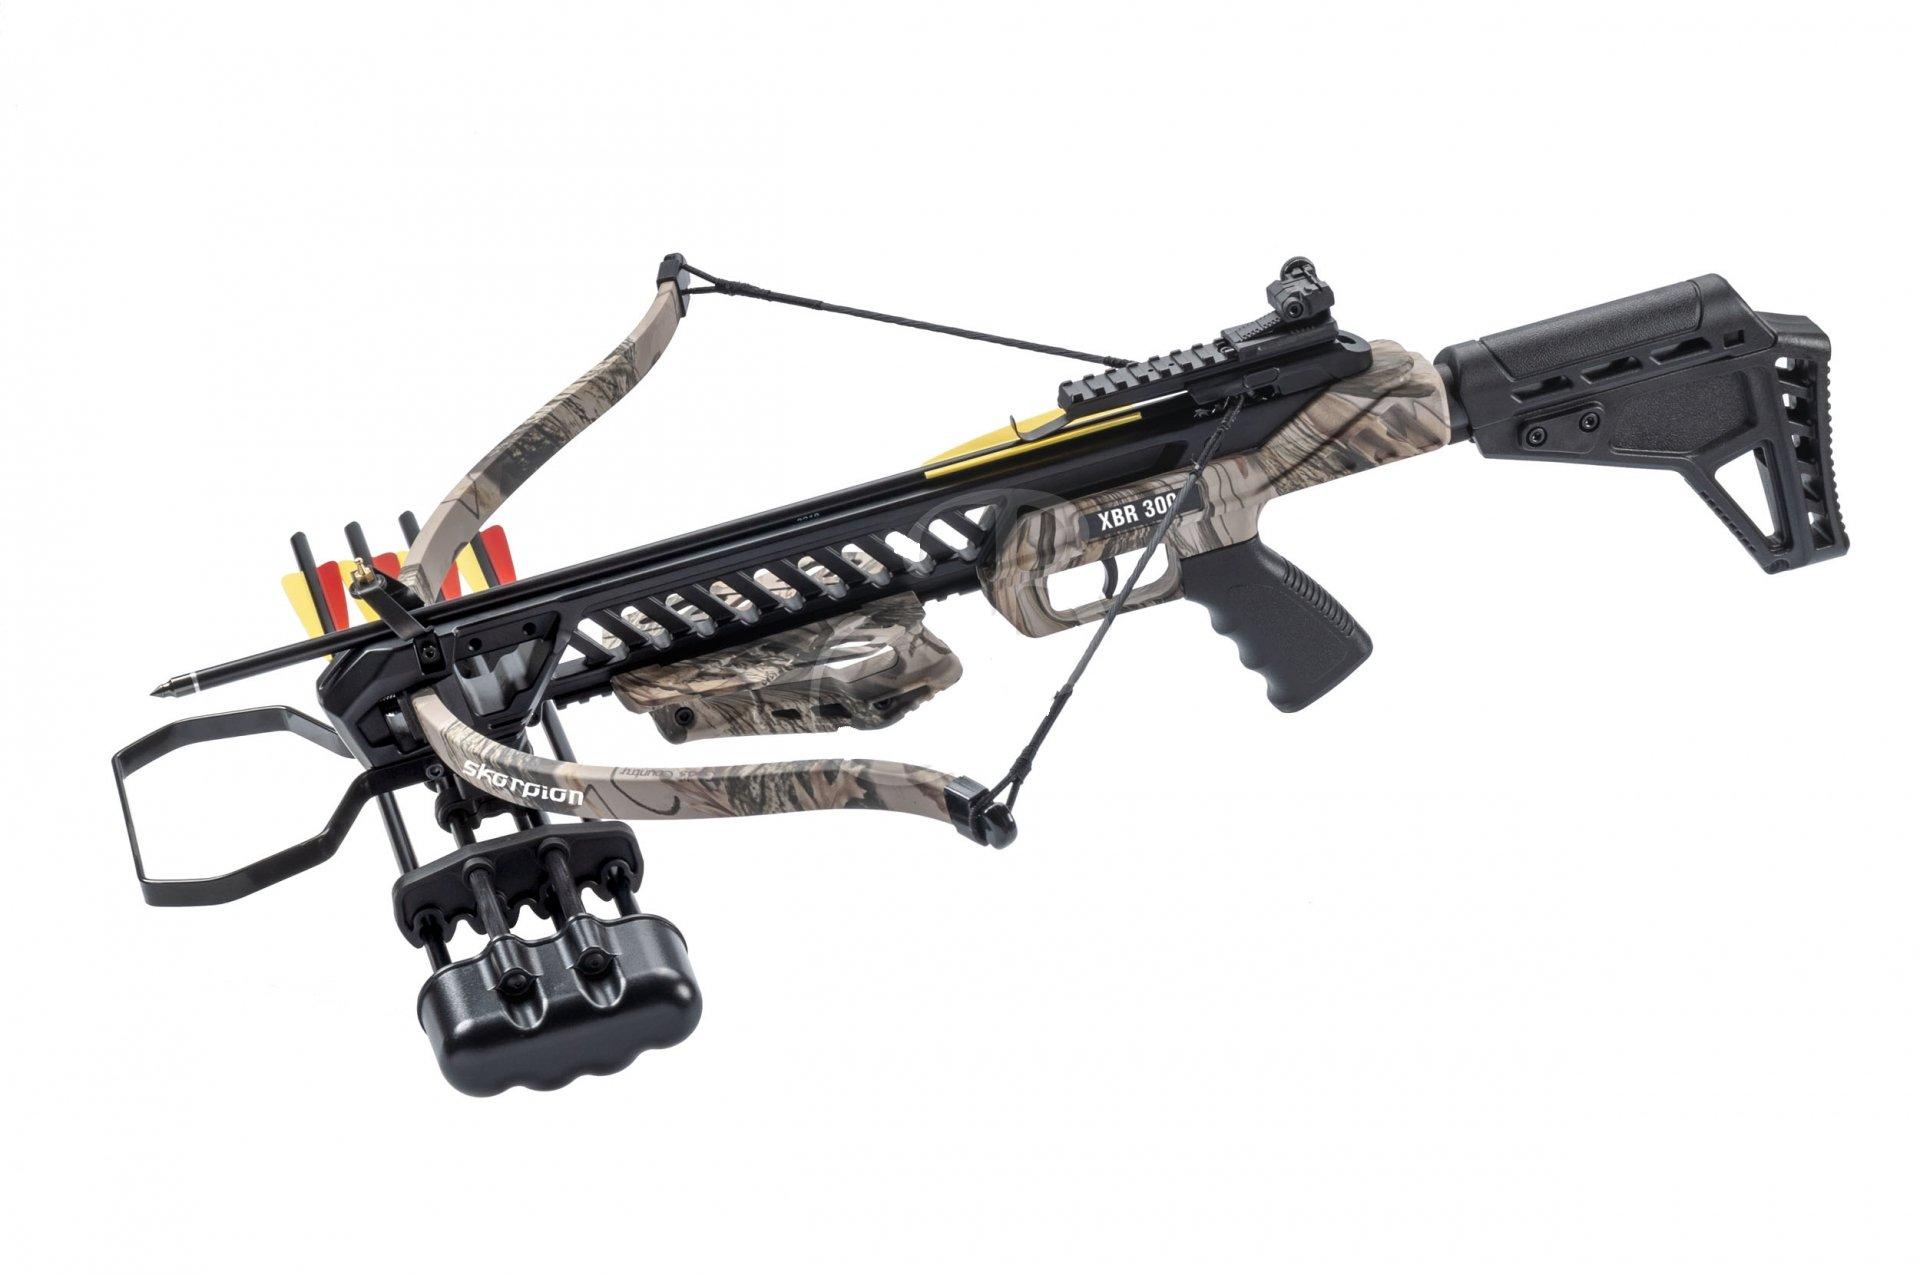 Skorpion XBR 300 175 lbs Armbrust